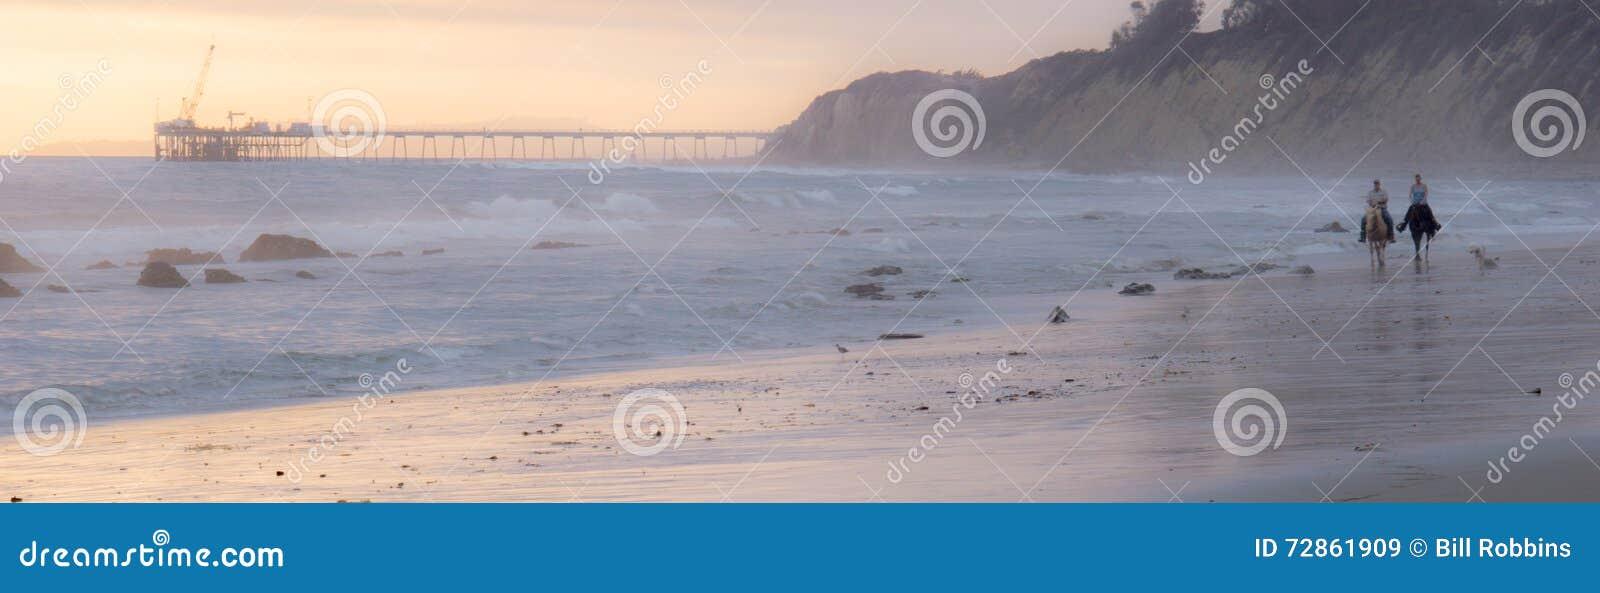 在海滩的马车手